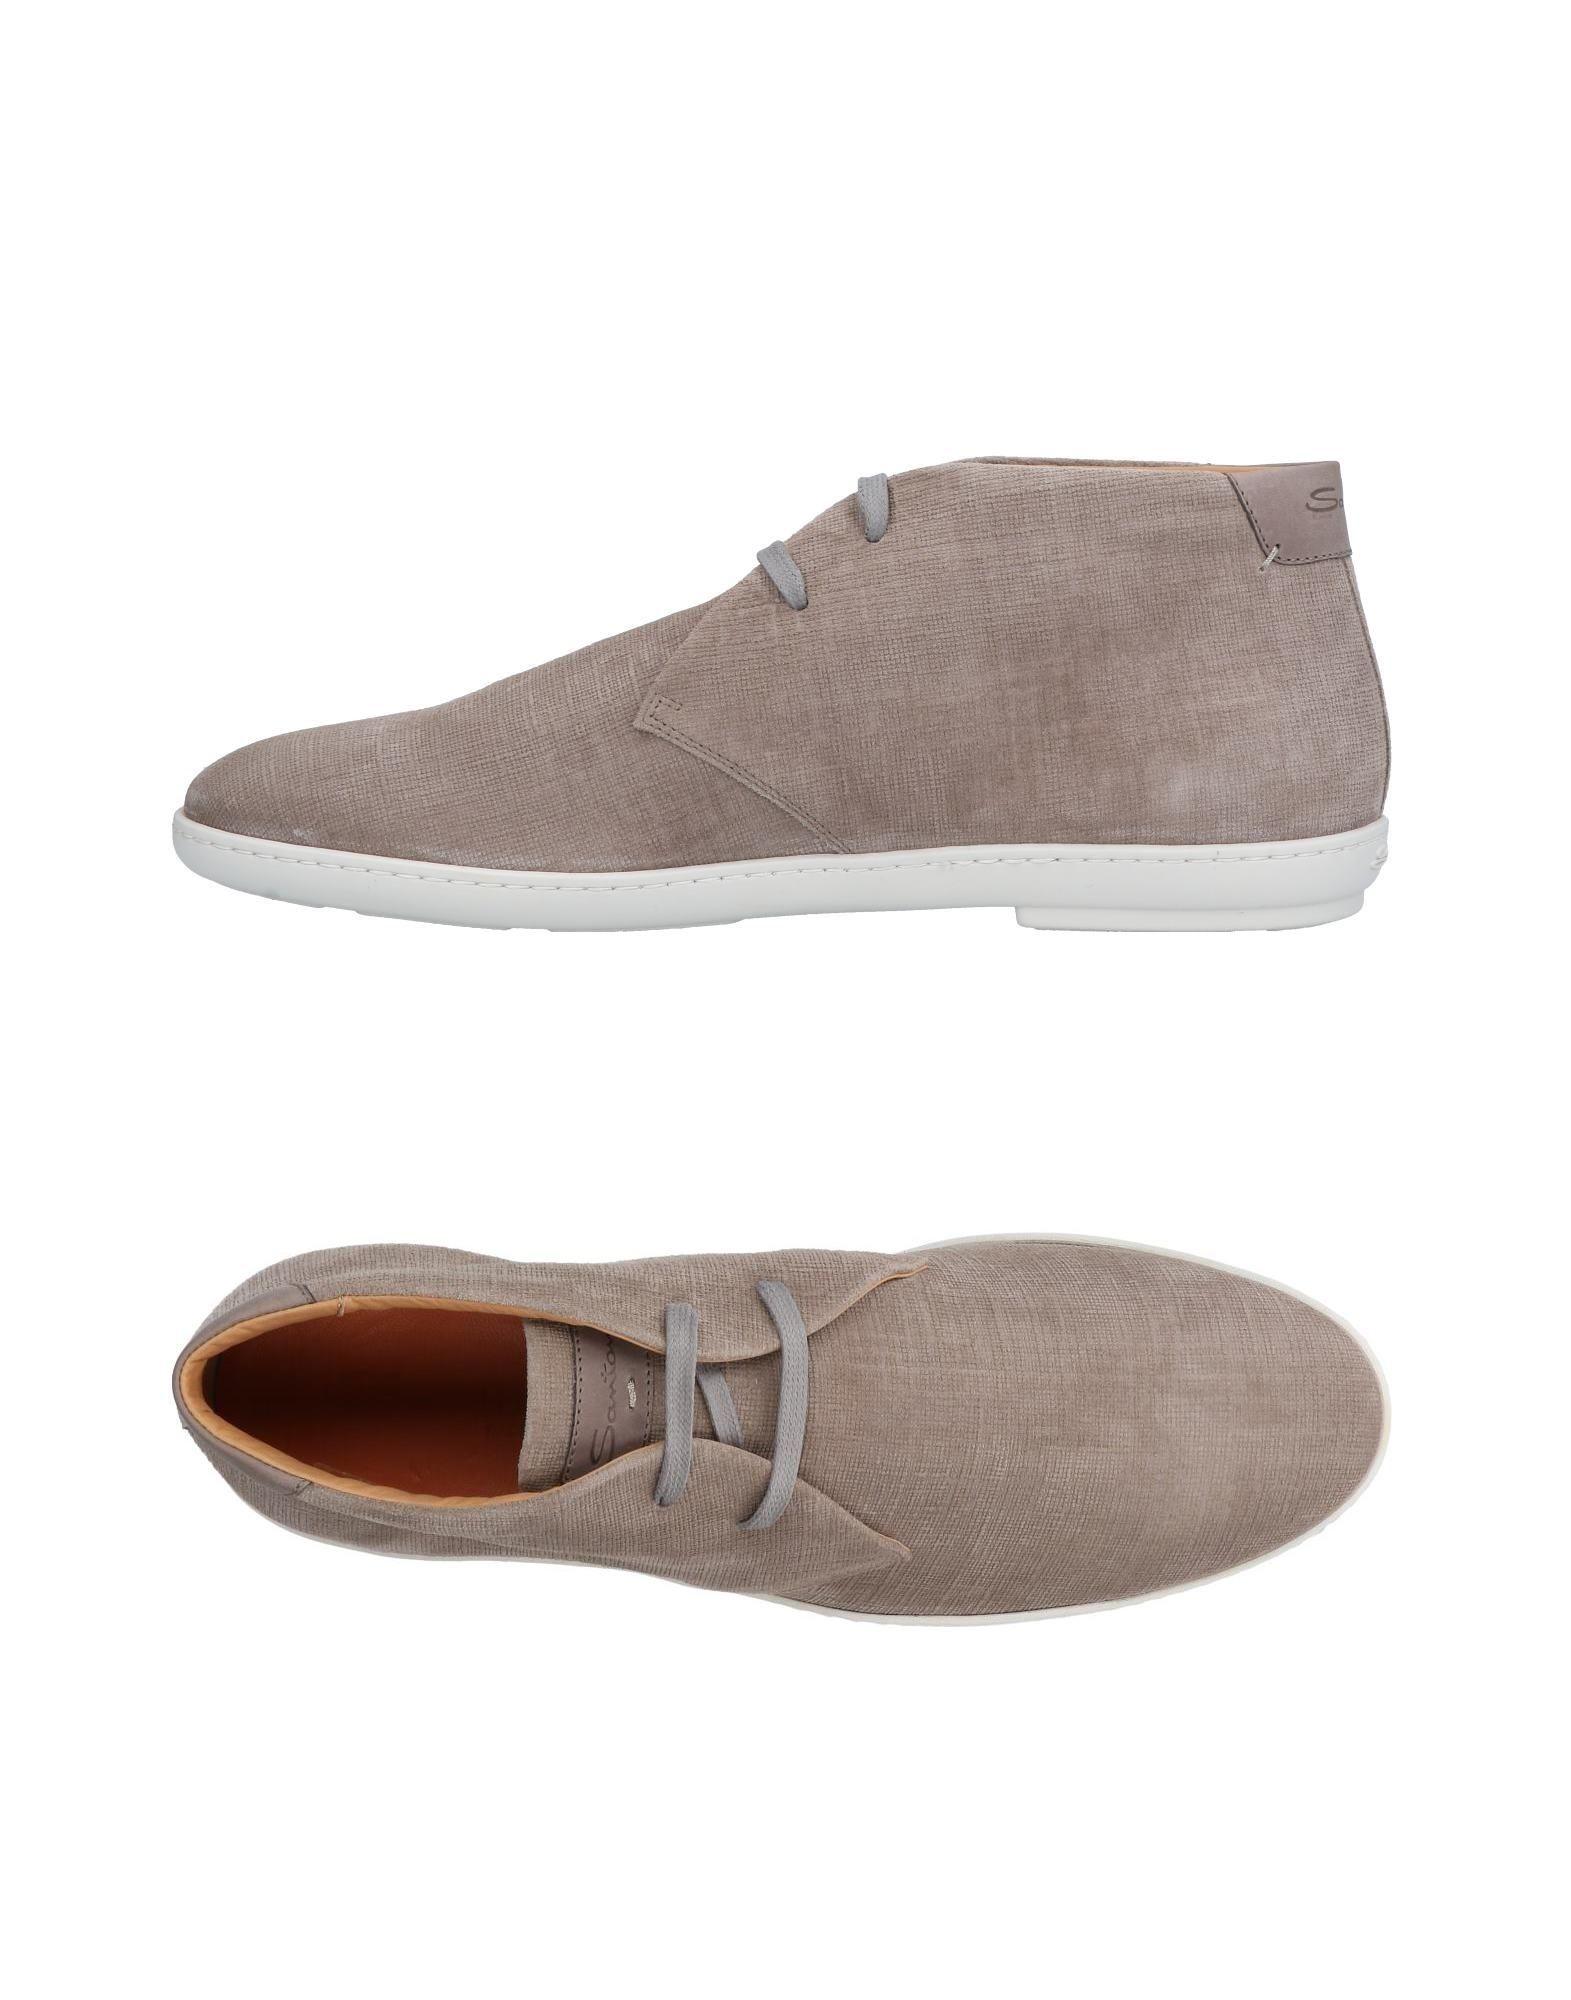 Santoni Stiefelette Herren  11478567KW Gute Qualität beliebte Schuhe